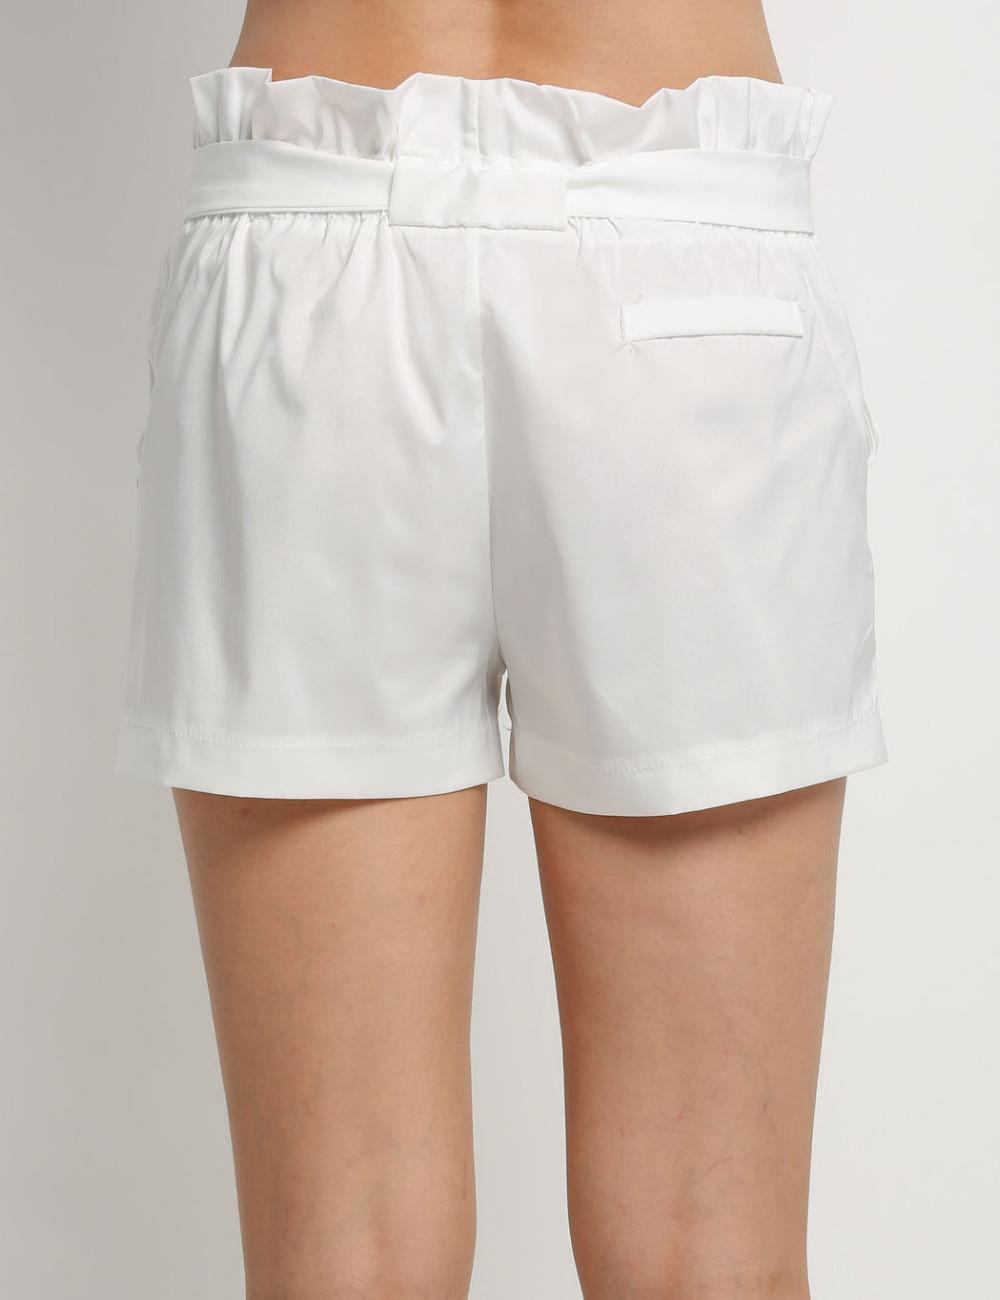 HTB1iPQUNFXXXXc7XXXXq6xXFXXXn - High Waist Shorts Loose Shorts With Belt Woman PTC 59